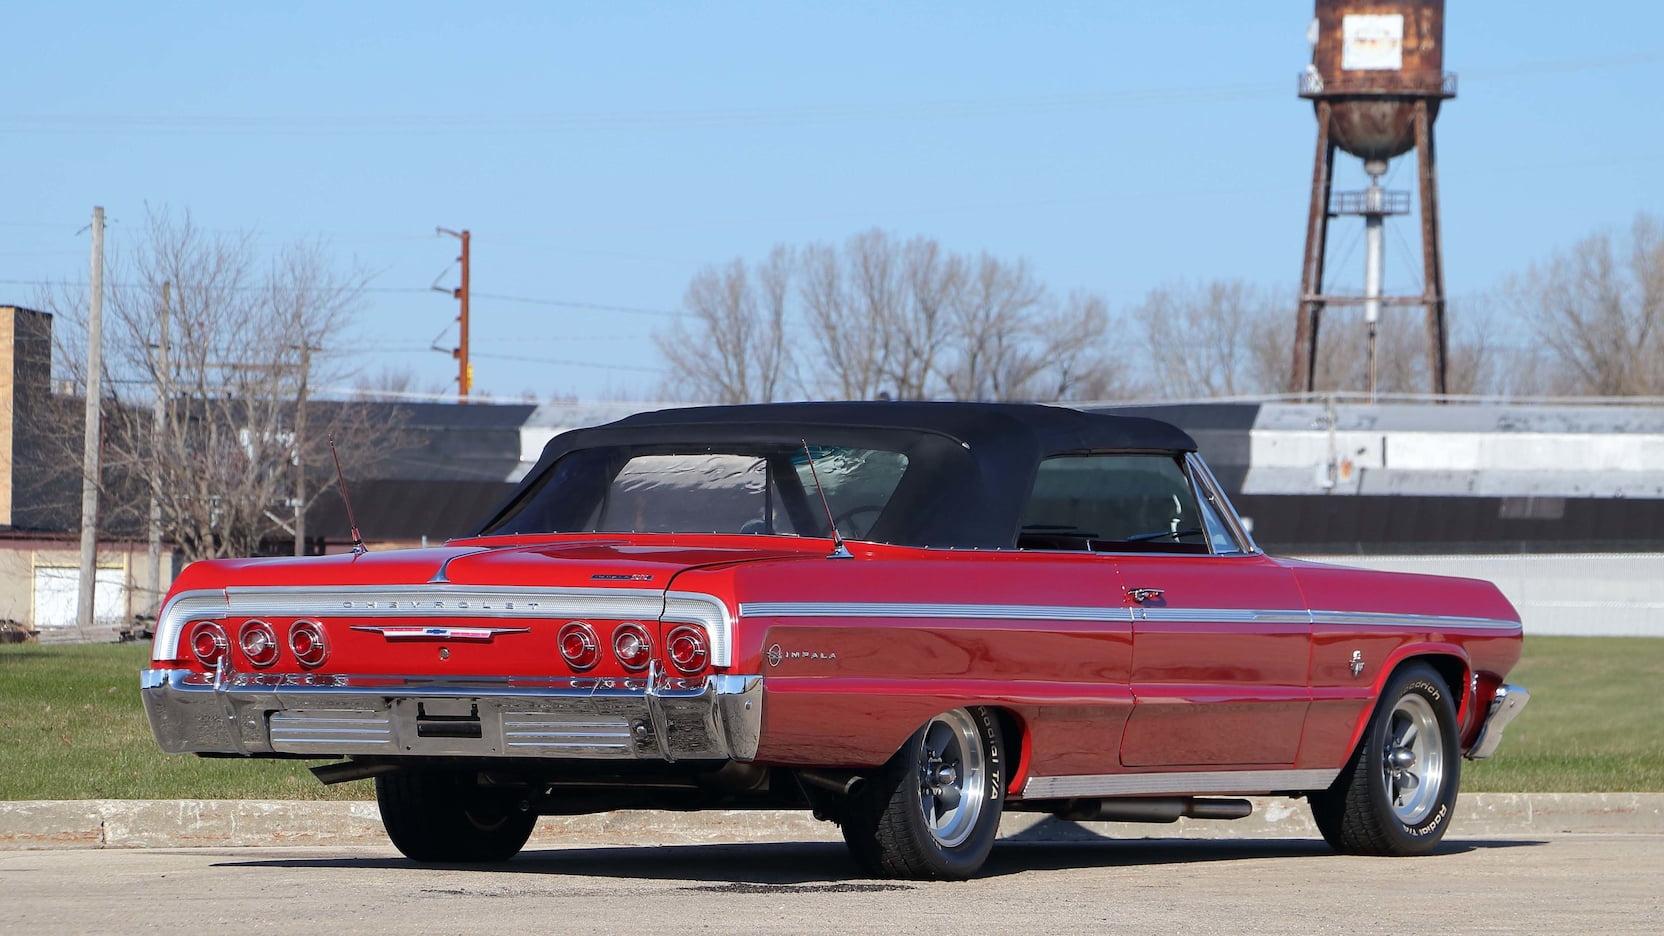 1964 Chevrolet Impala rear 3/4